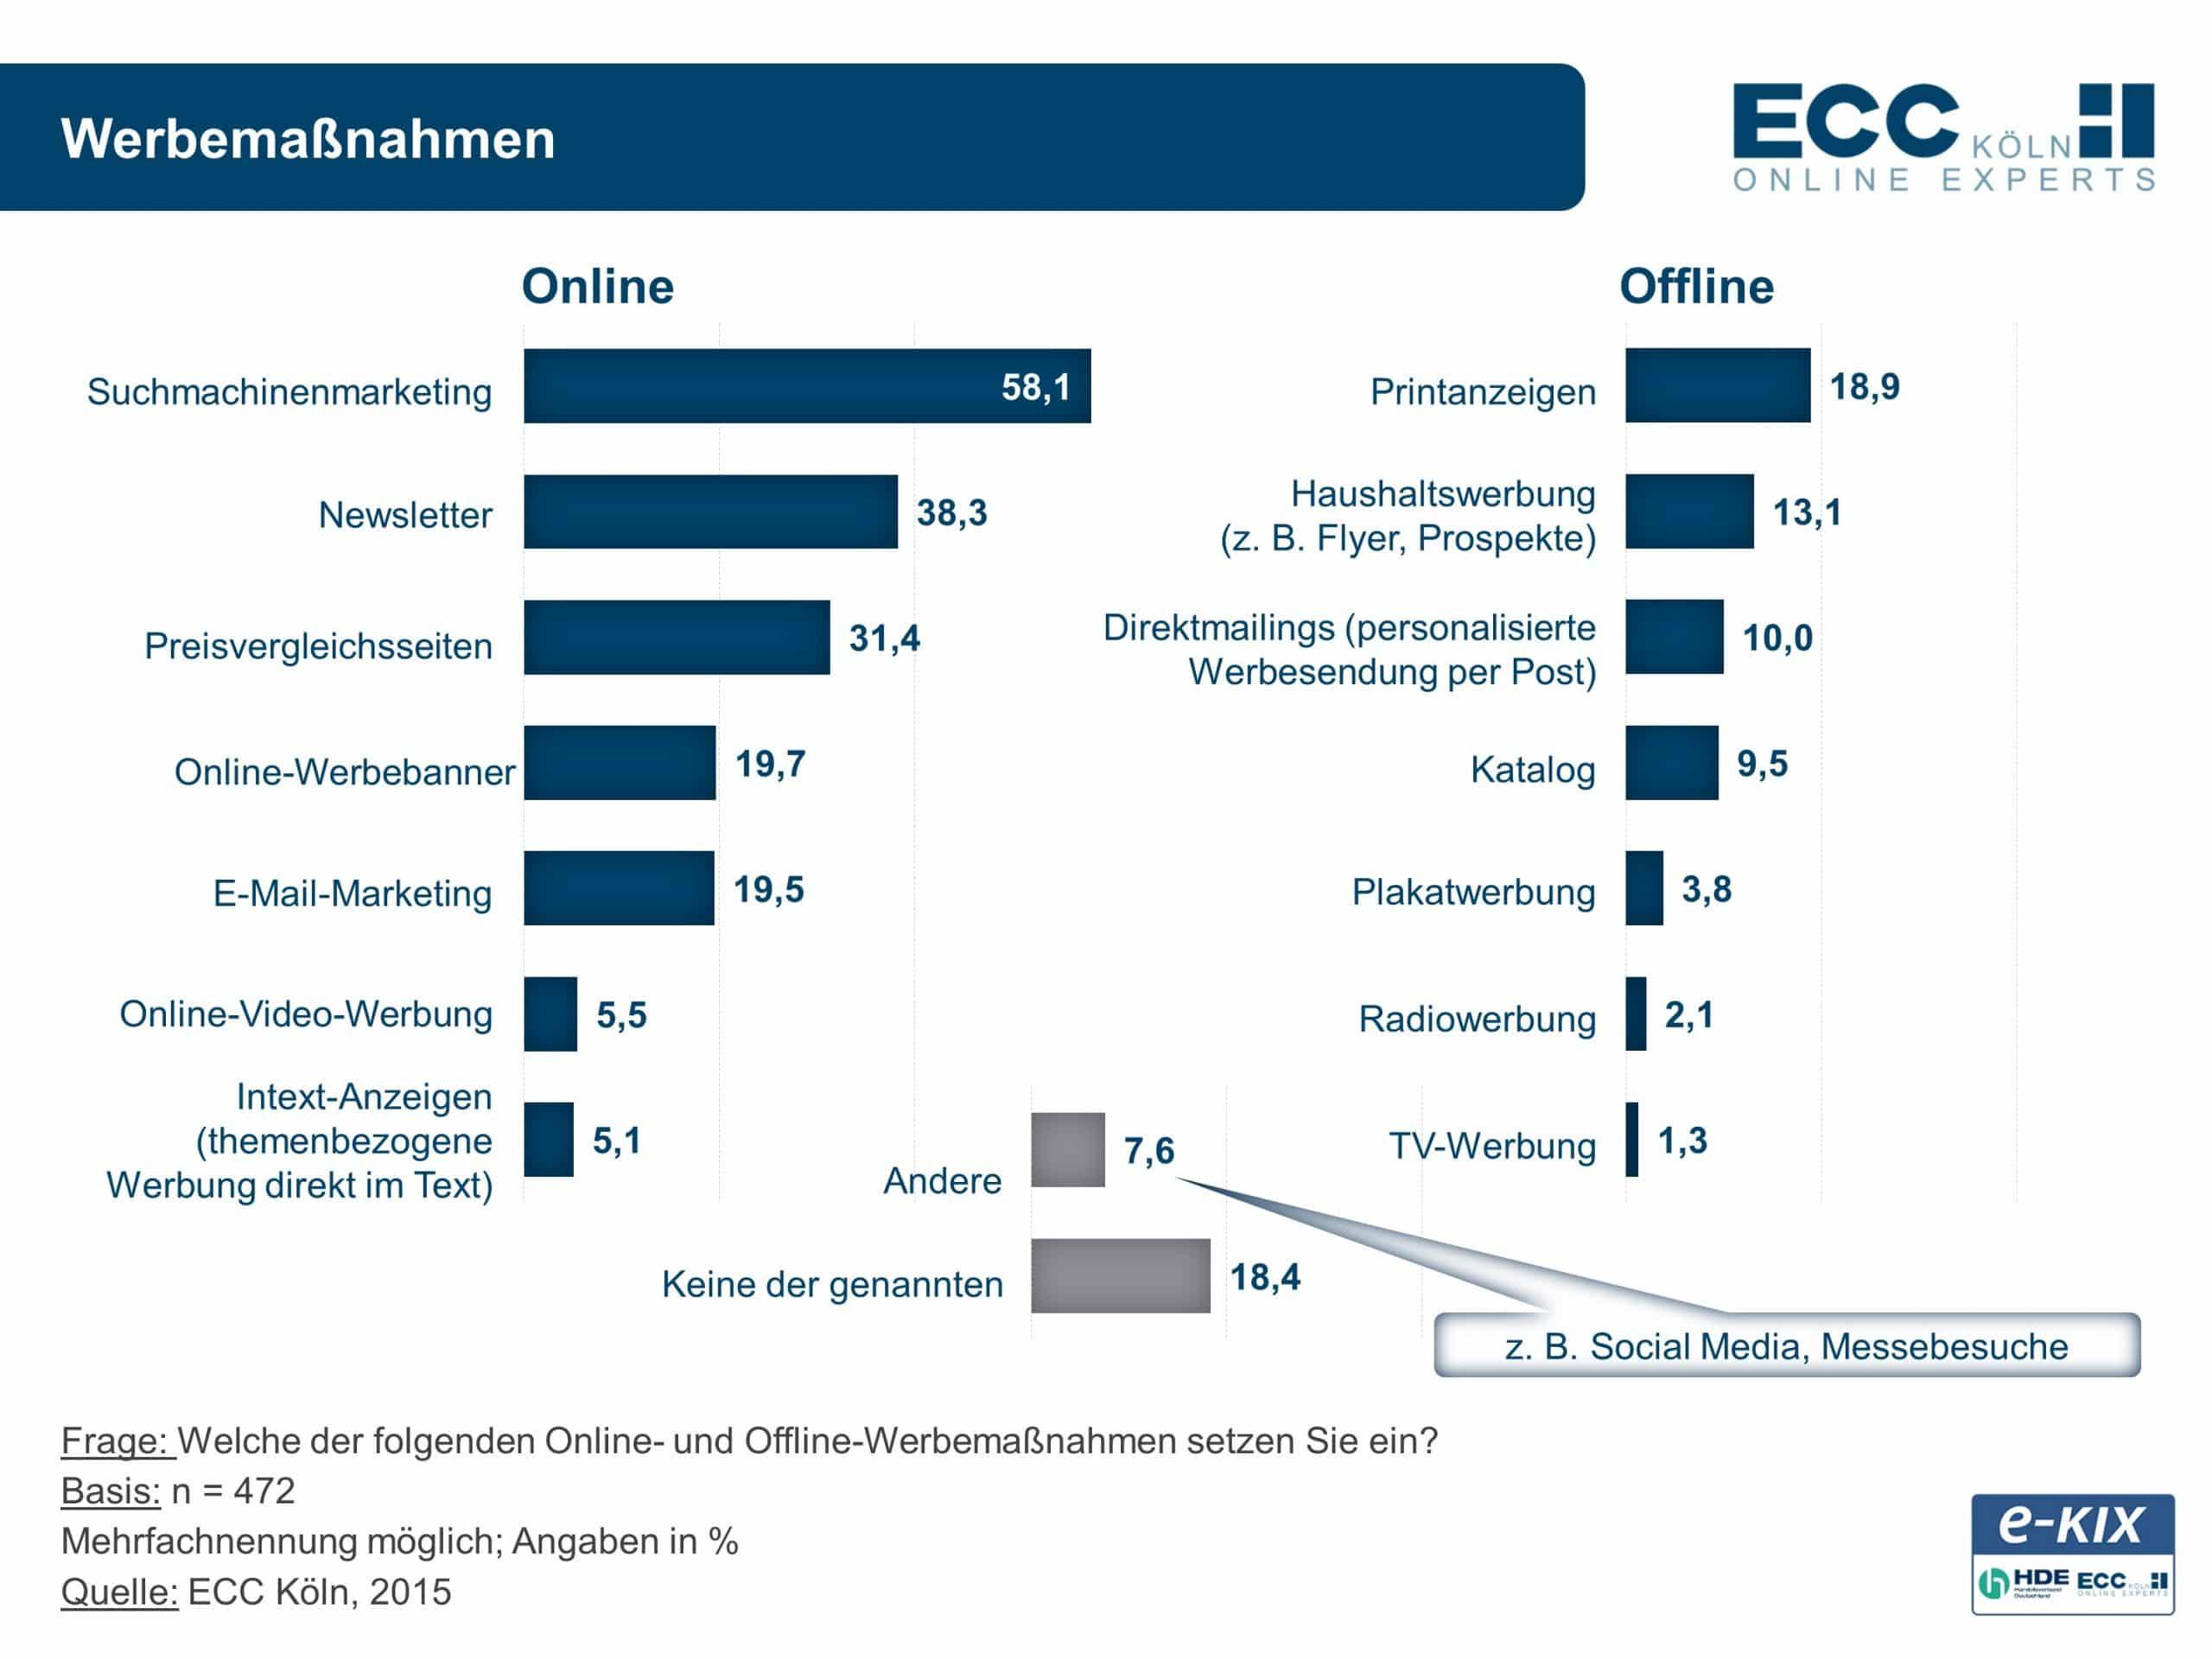 Eine Umfrage von ECC Köln und Handelsverband Deutschland ergab: Das Suchmaschinenmarketing ist derzeit das beliebteste Werbungs-Tool bei Online-Händlern.